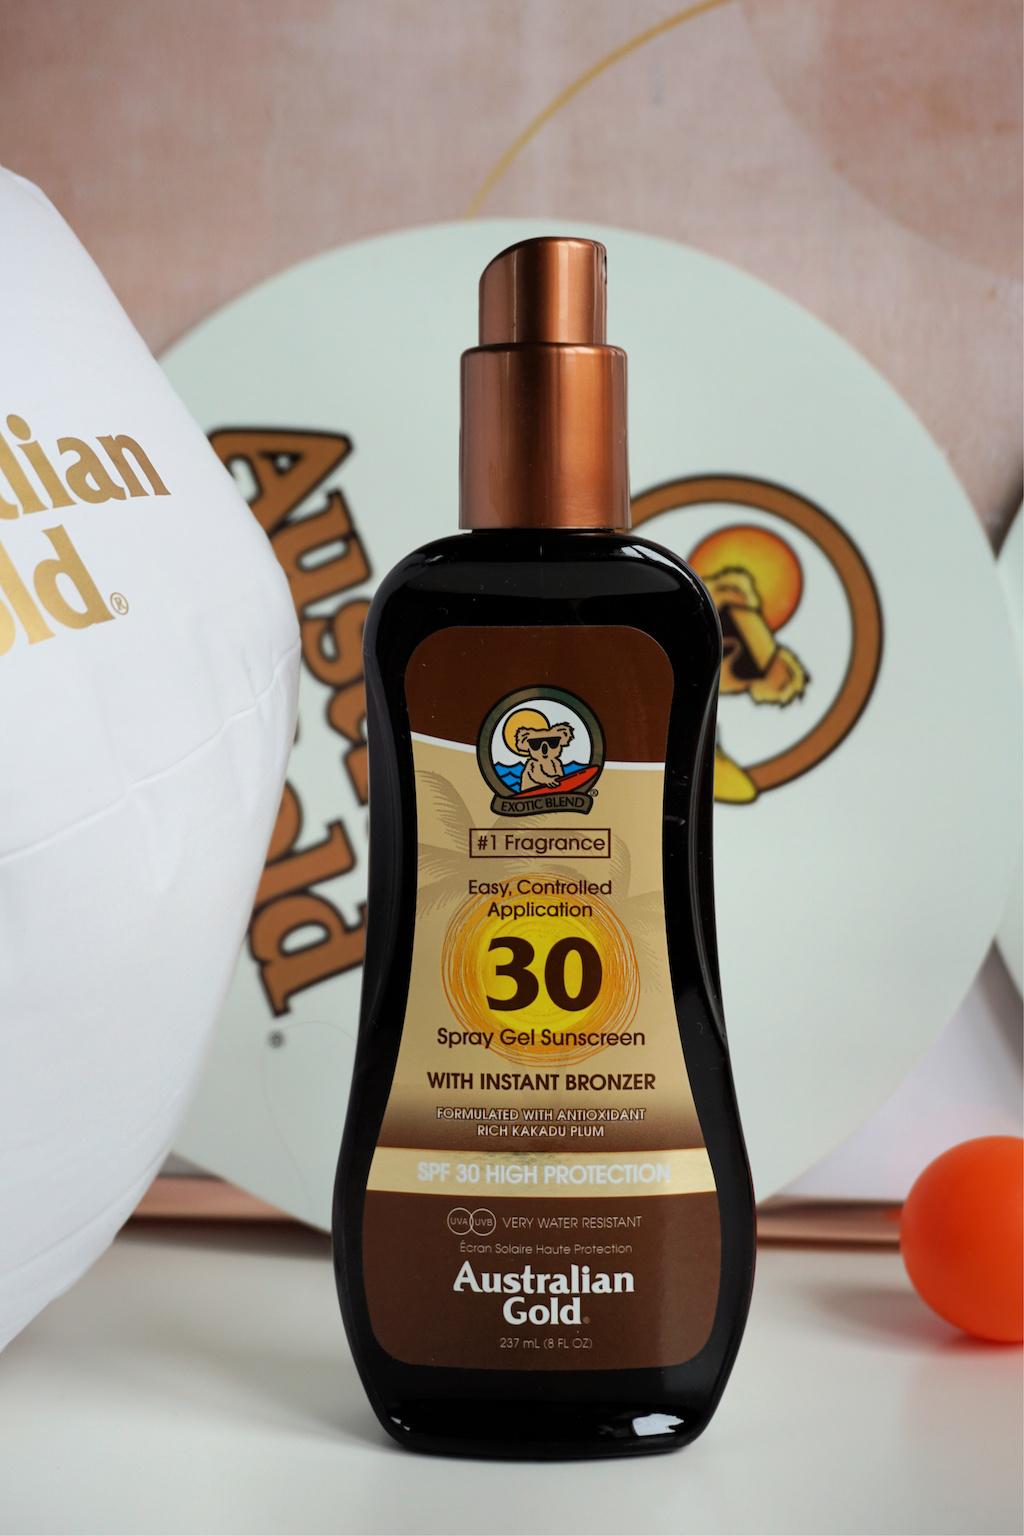 Australian Gold Spray Gel met Bronzer Review